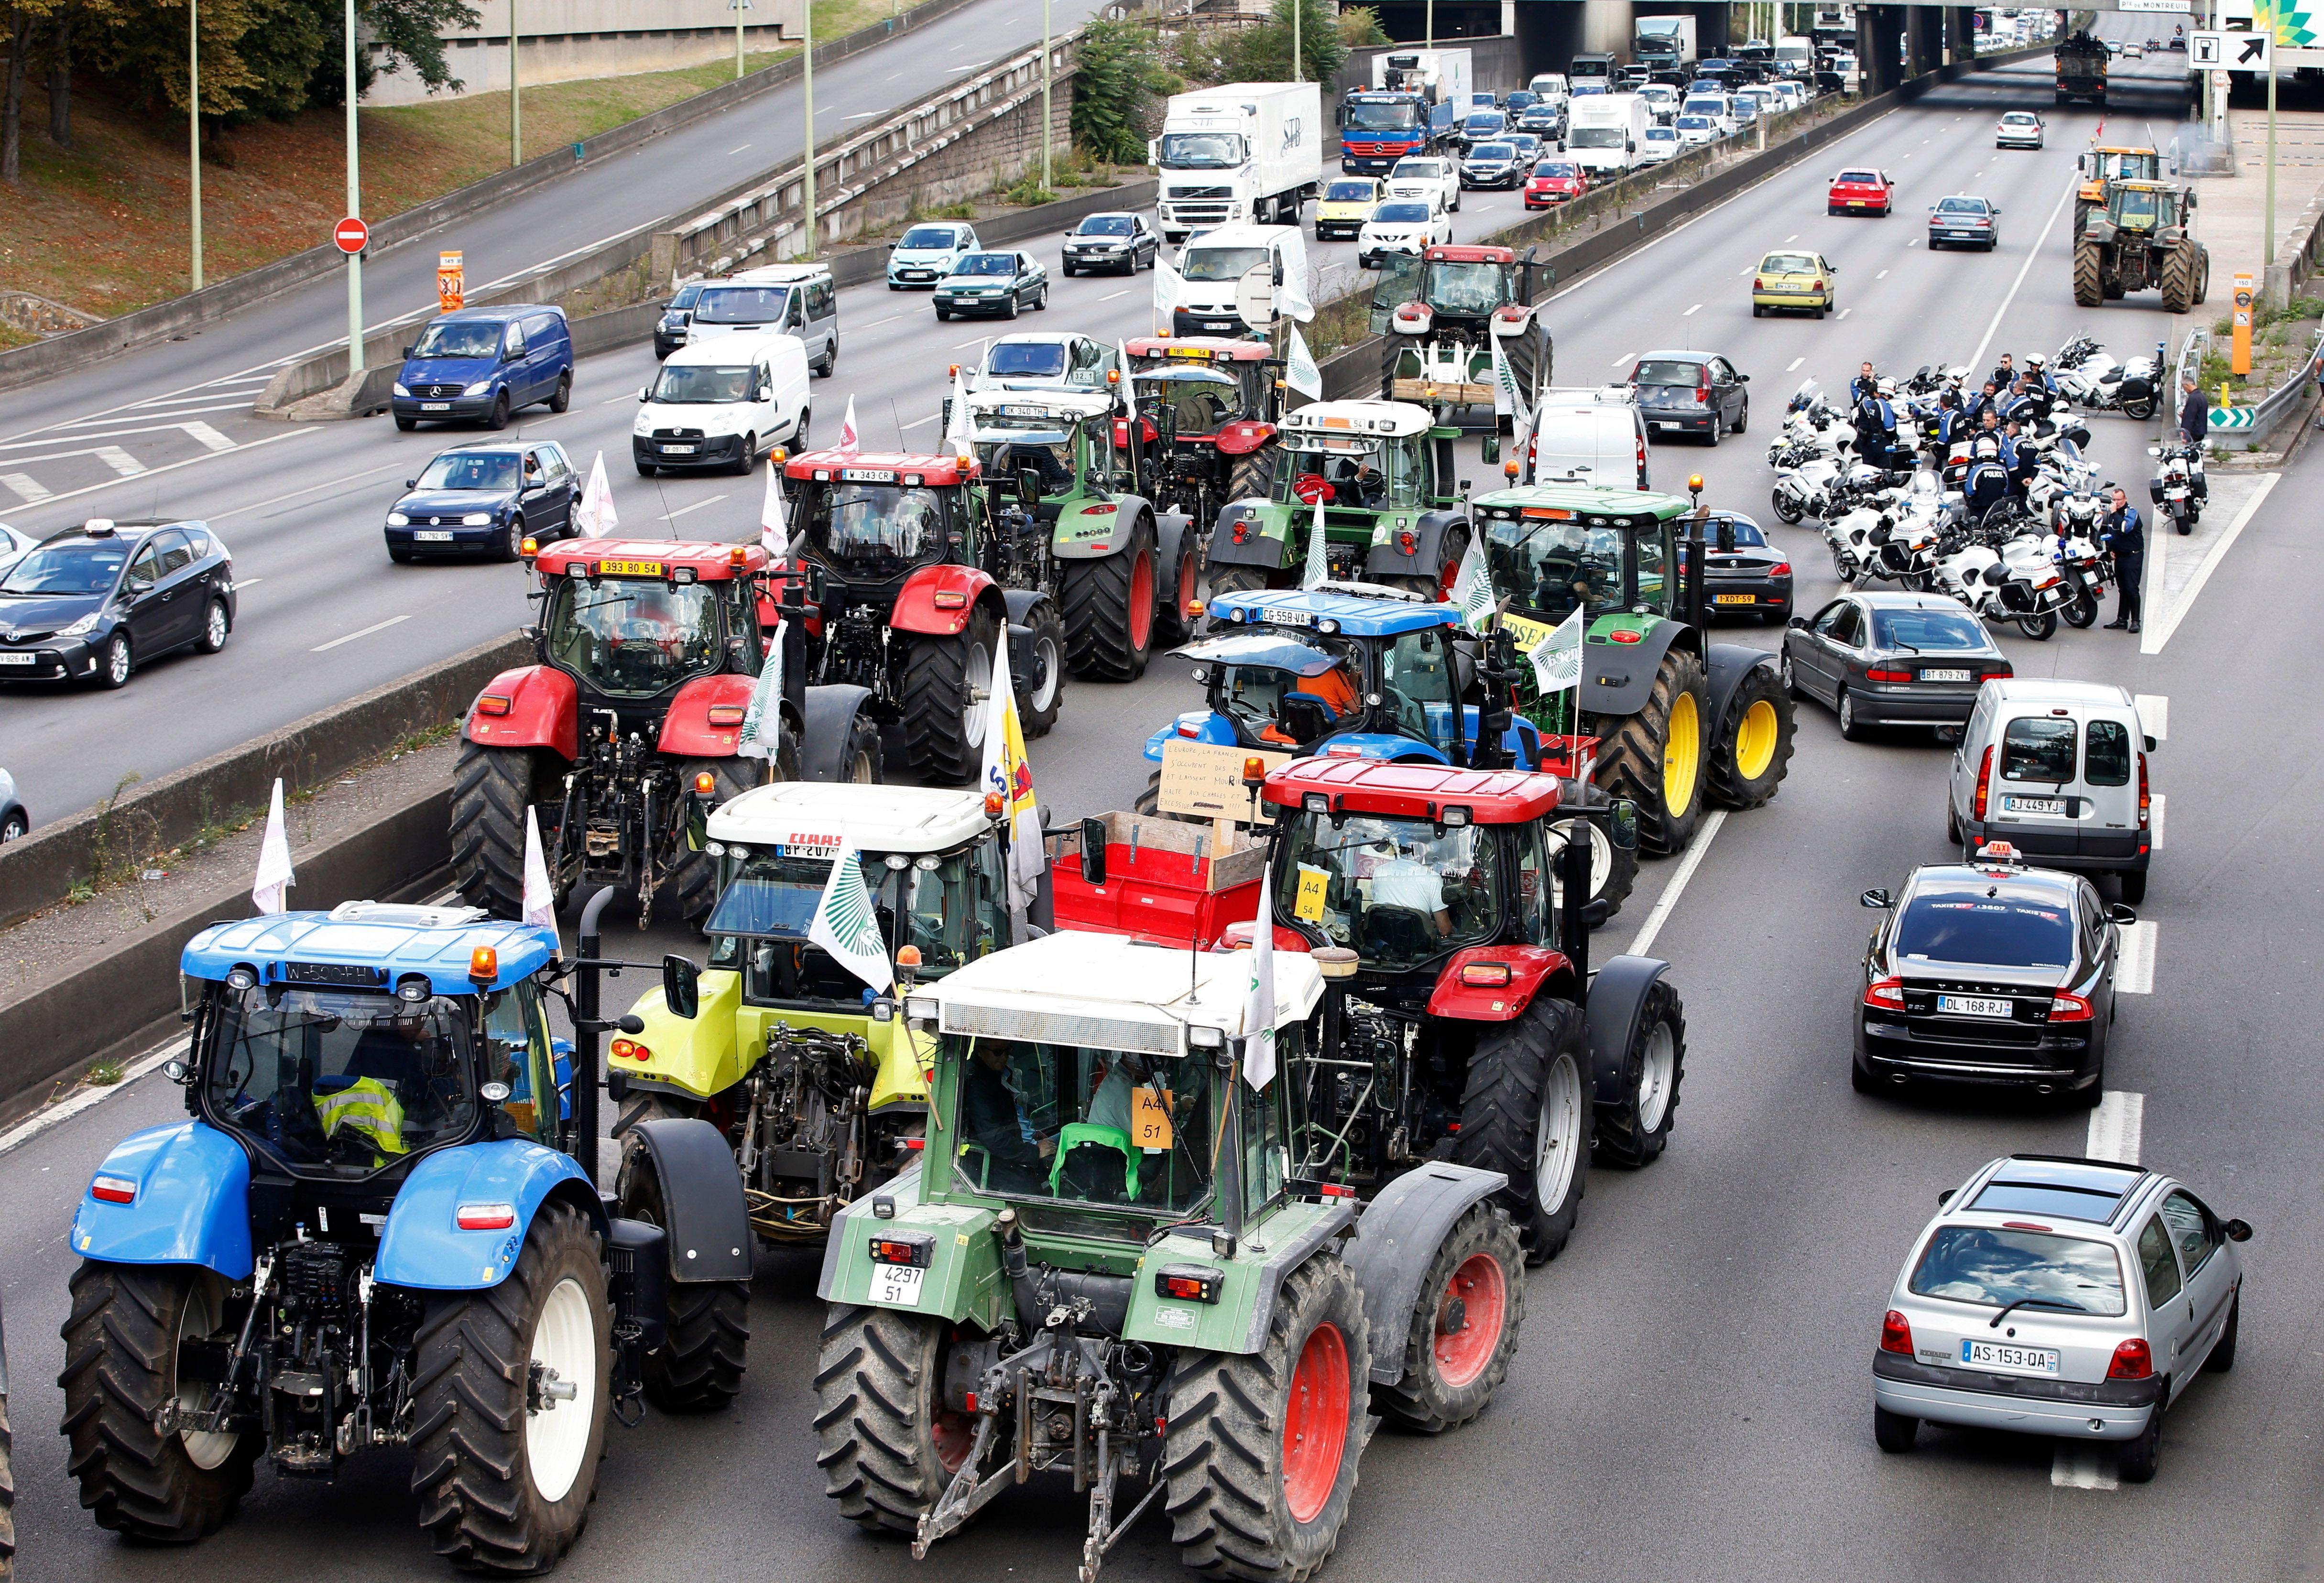 Crise agricole : 84% des Français trouvent les mobilisations des agriculteurs justifiées